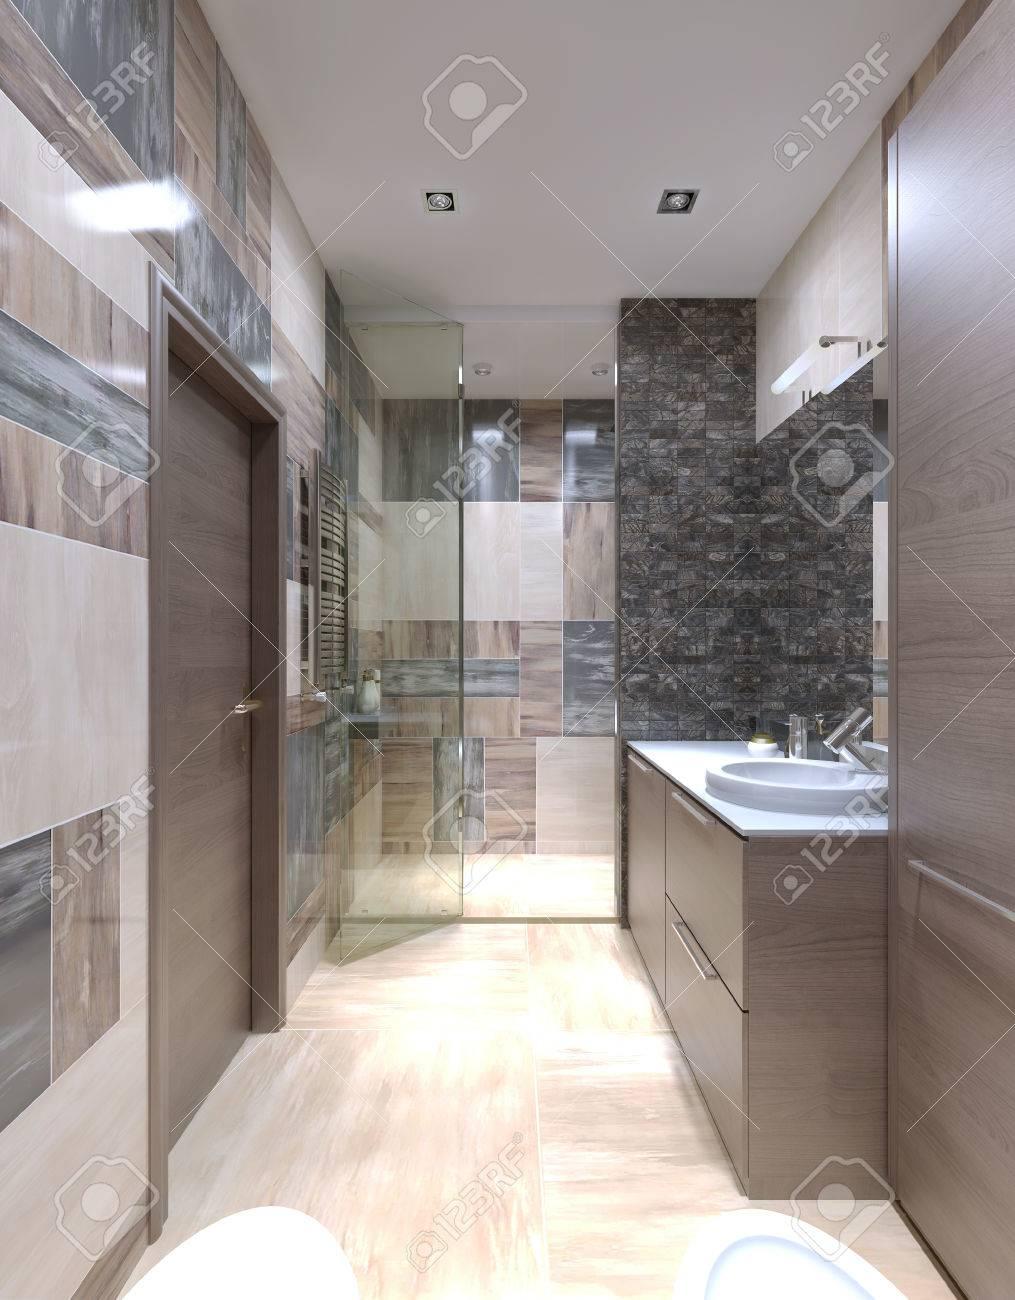 Großes Bad Modern Eingerichtet. Eines Der Ungewöhnlichsten Lösungen, Die  Fliesen An Den Wänden Zu